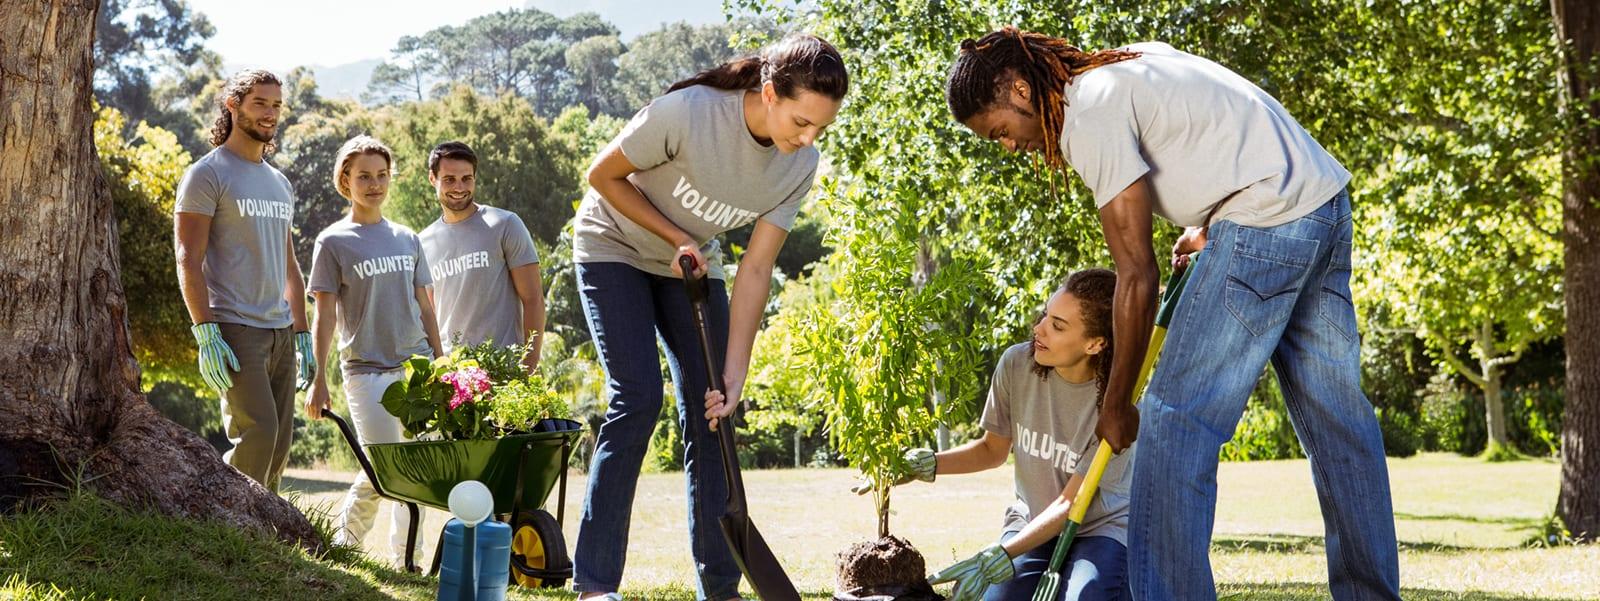 Volunteers gardening